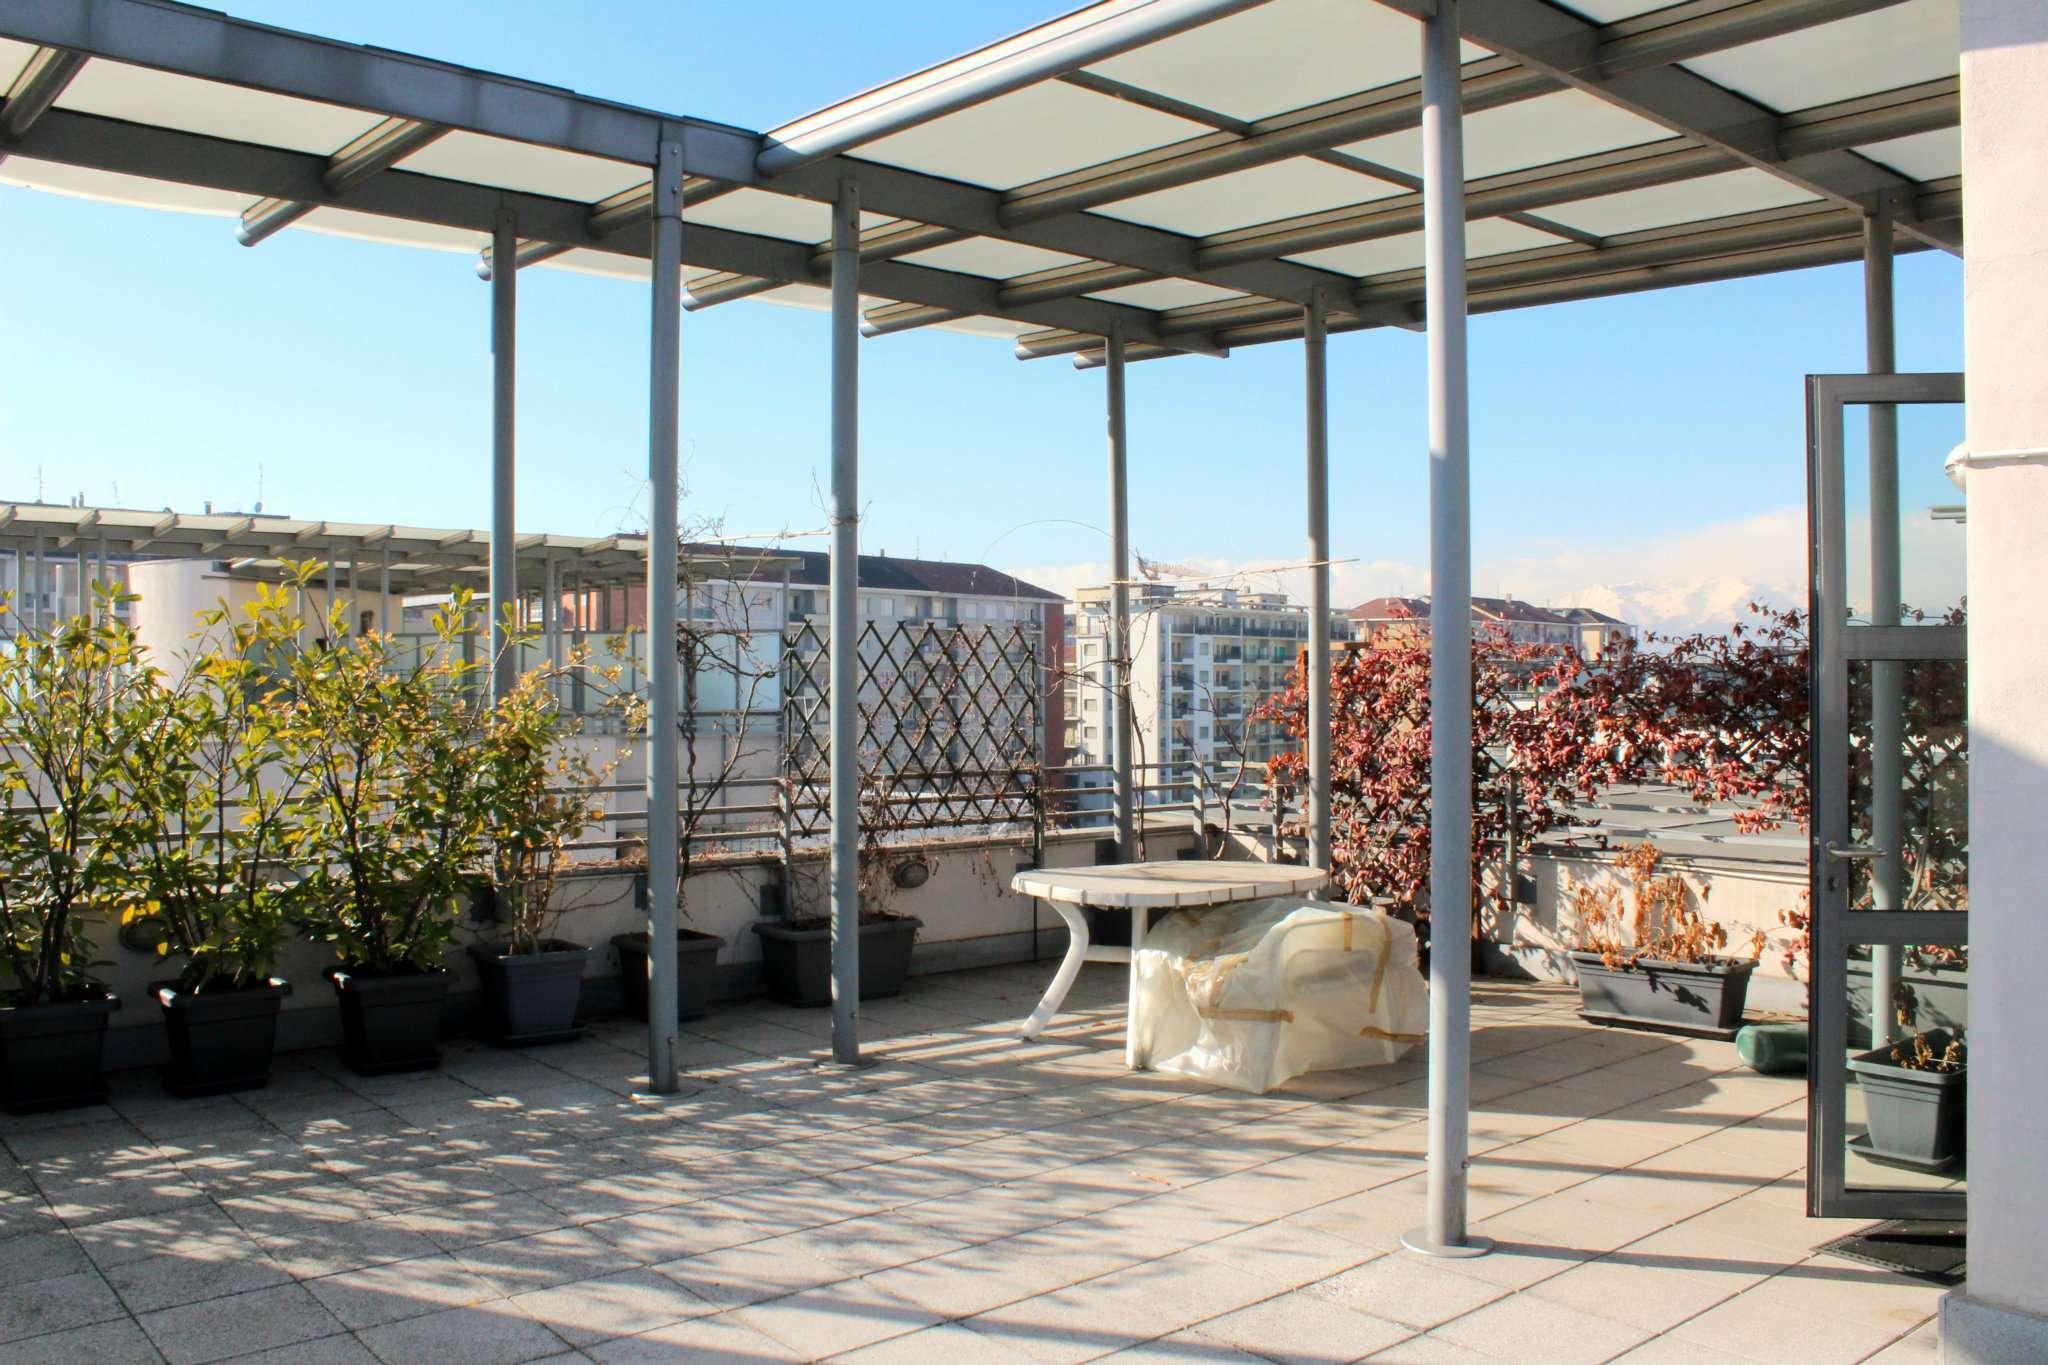 Awesome Appartamento Con Terrazzo Torino Images - Design Trends 2017 ...